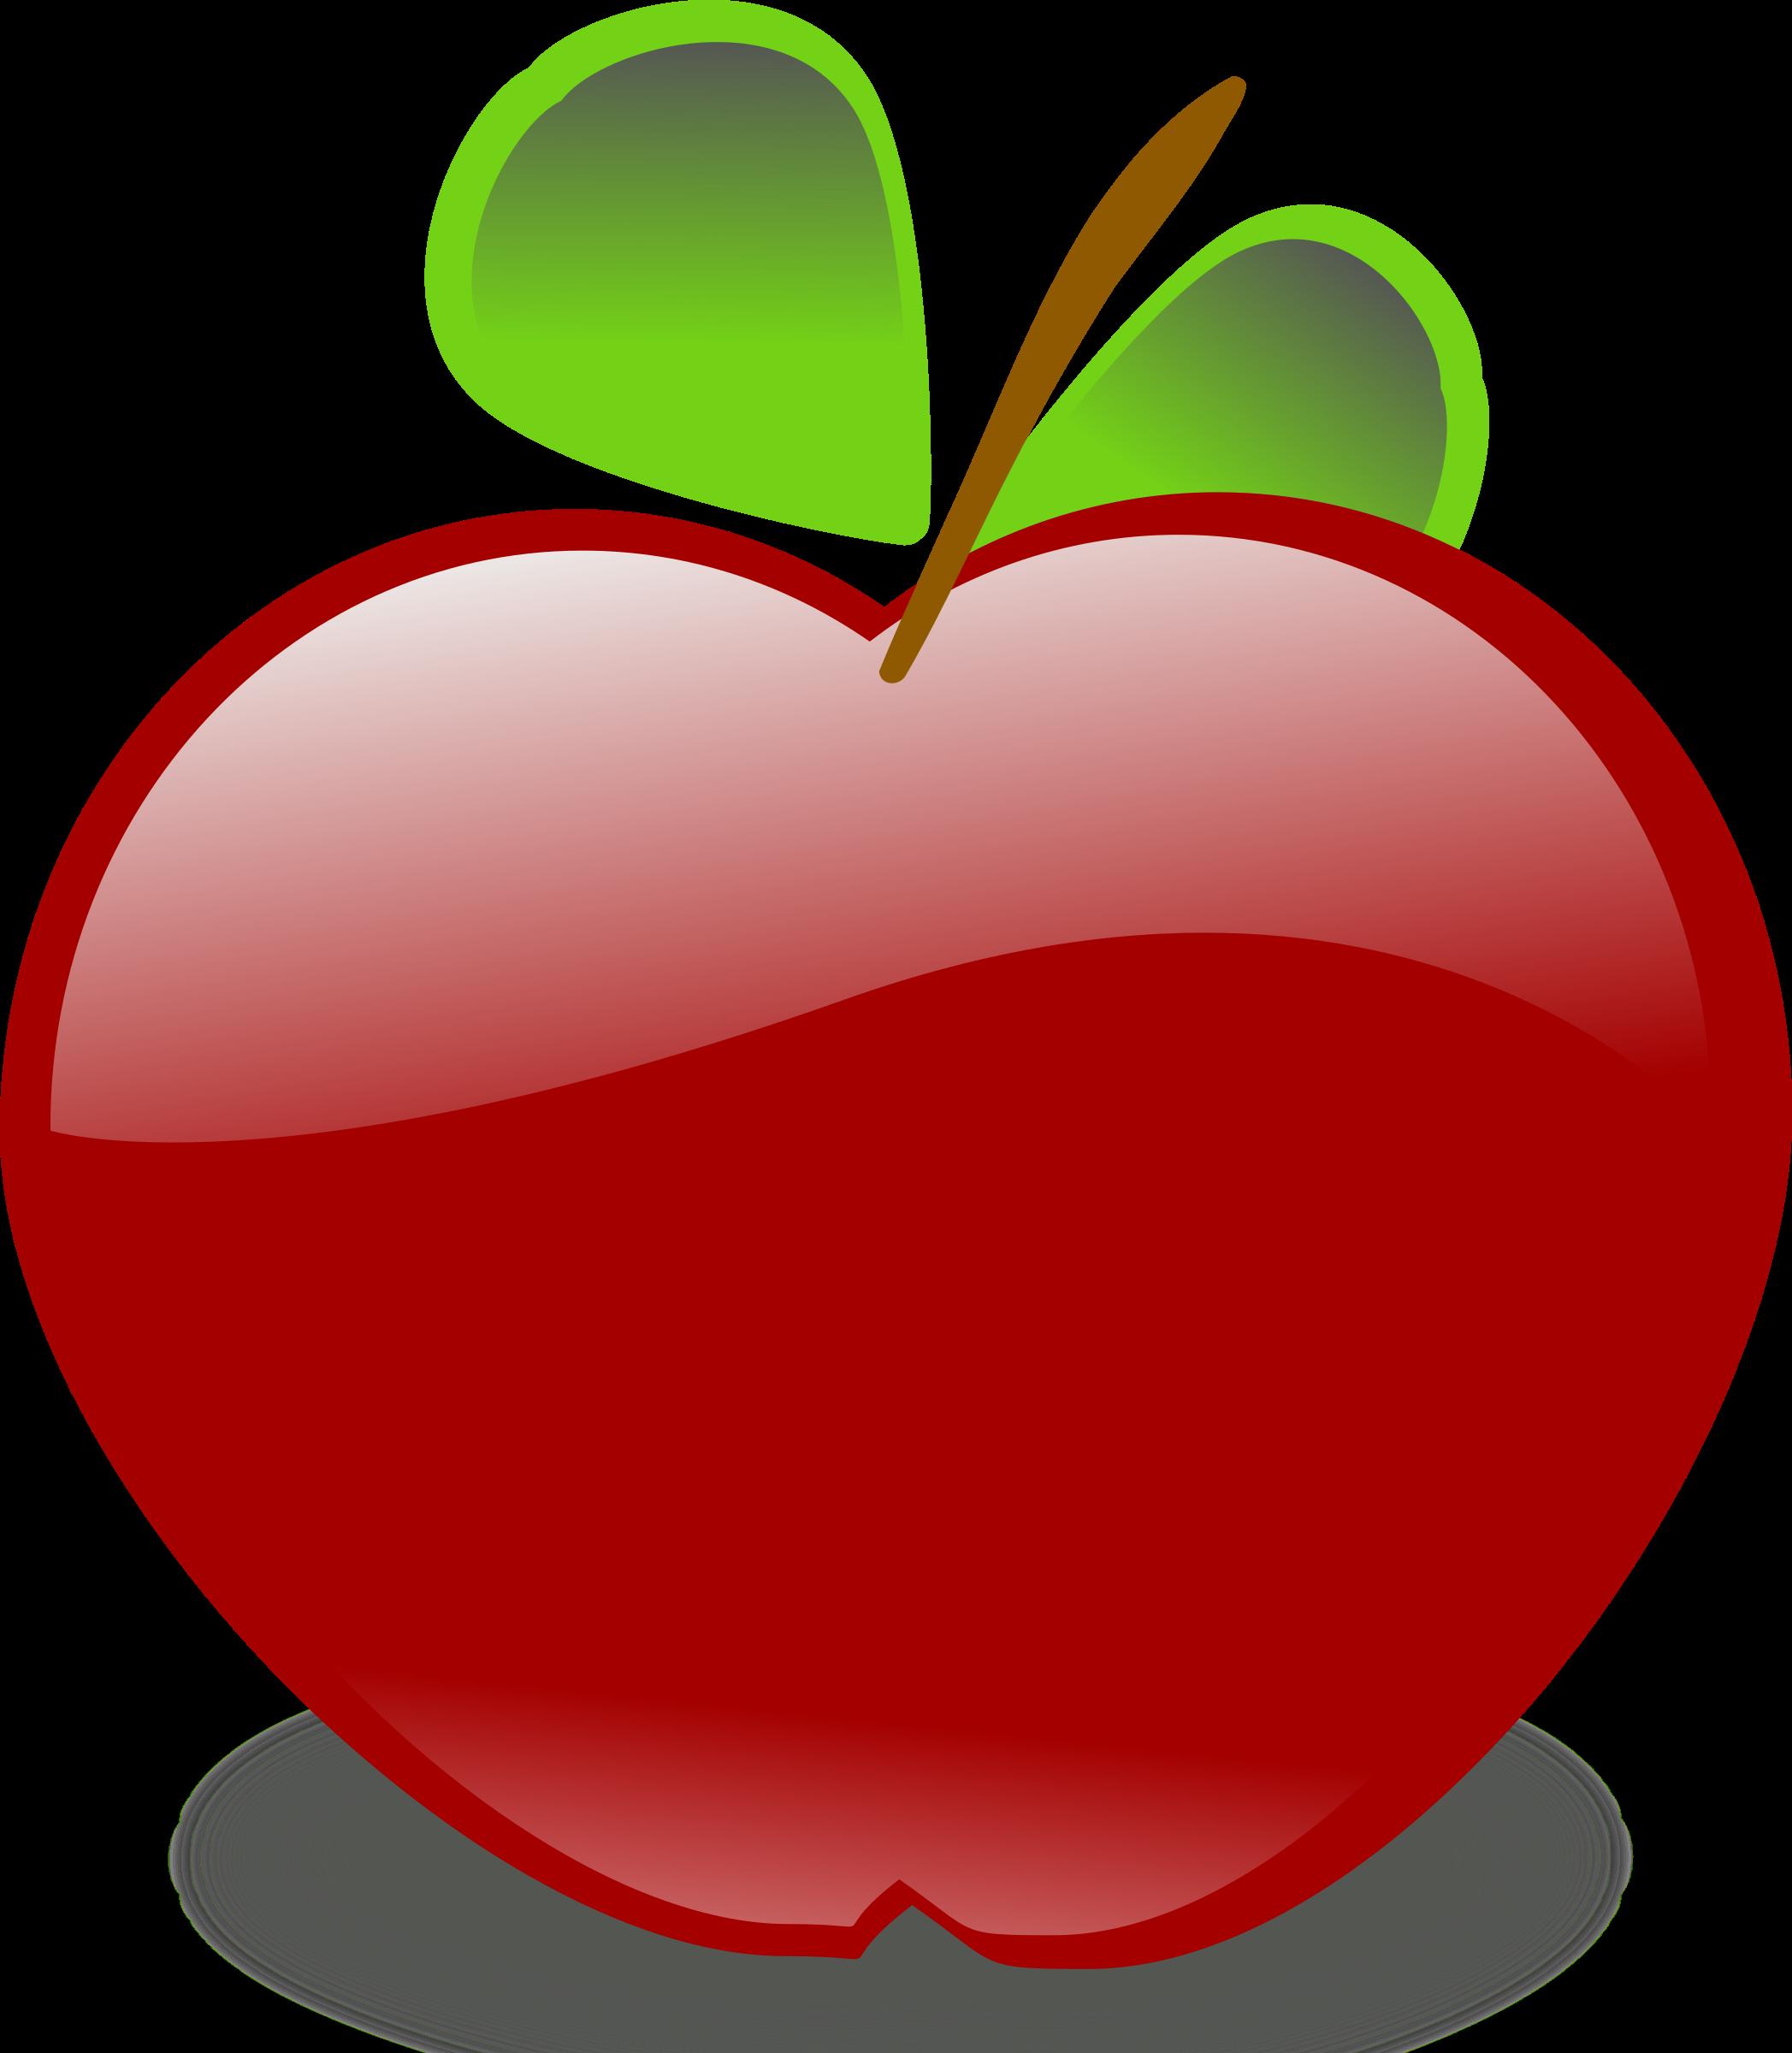 Public domain apple clipart clip art freeuse Clipart - apple clip art freeuse